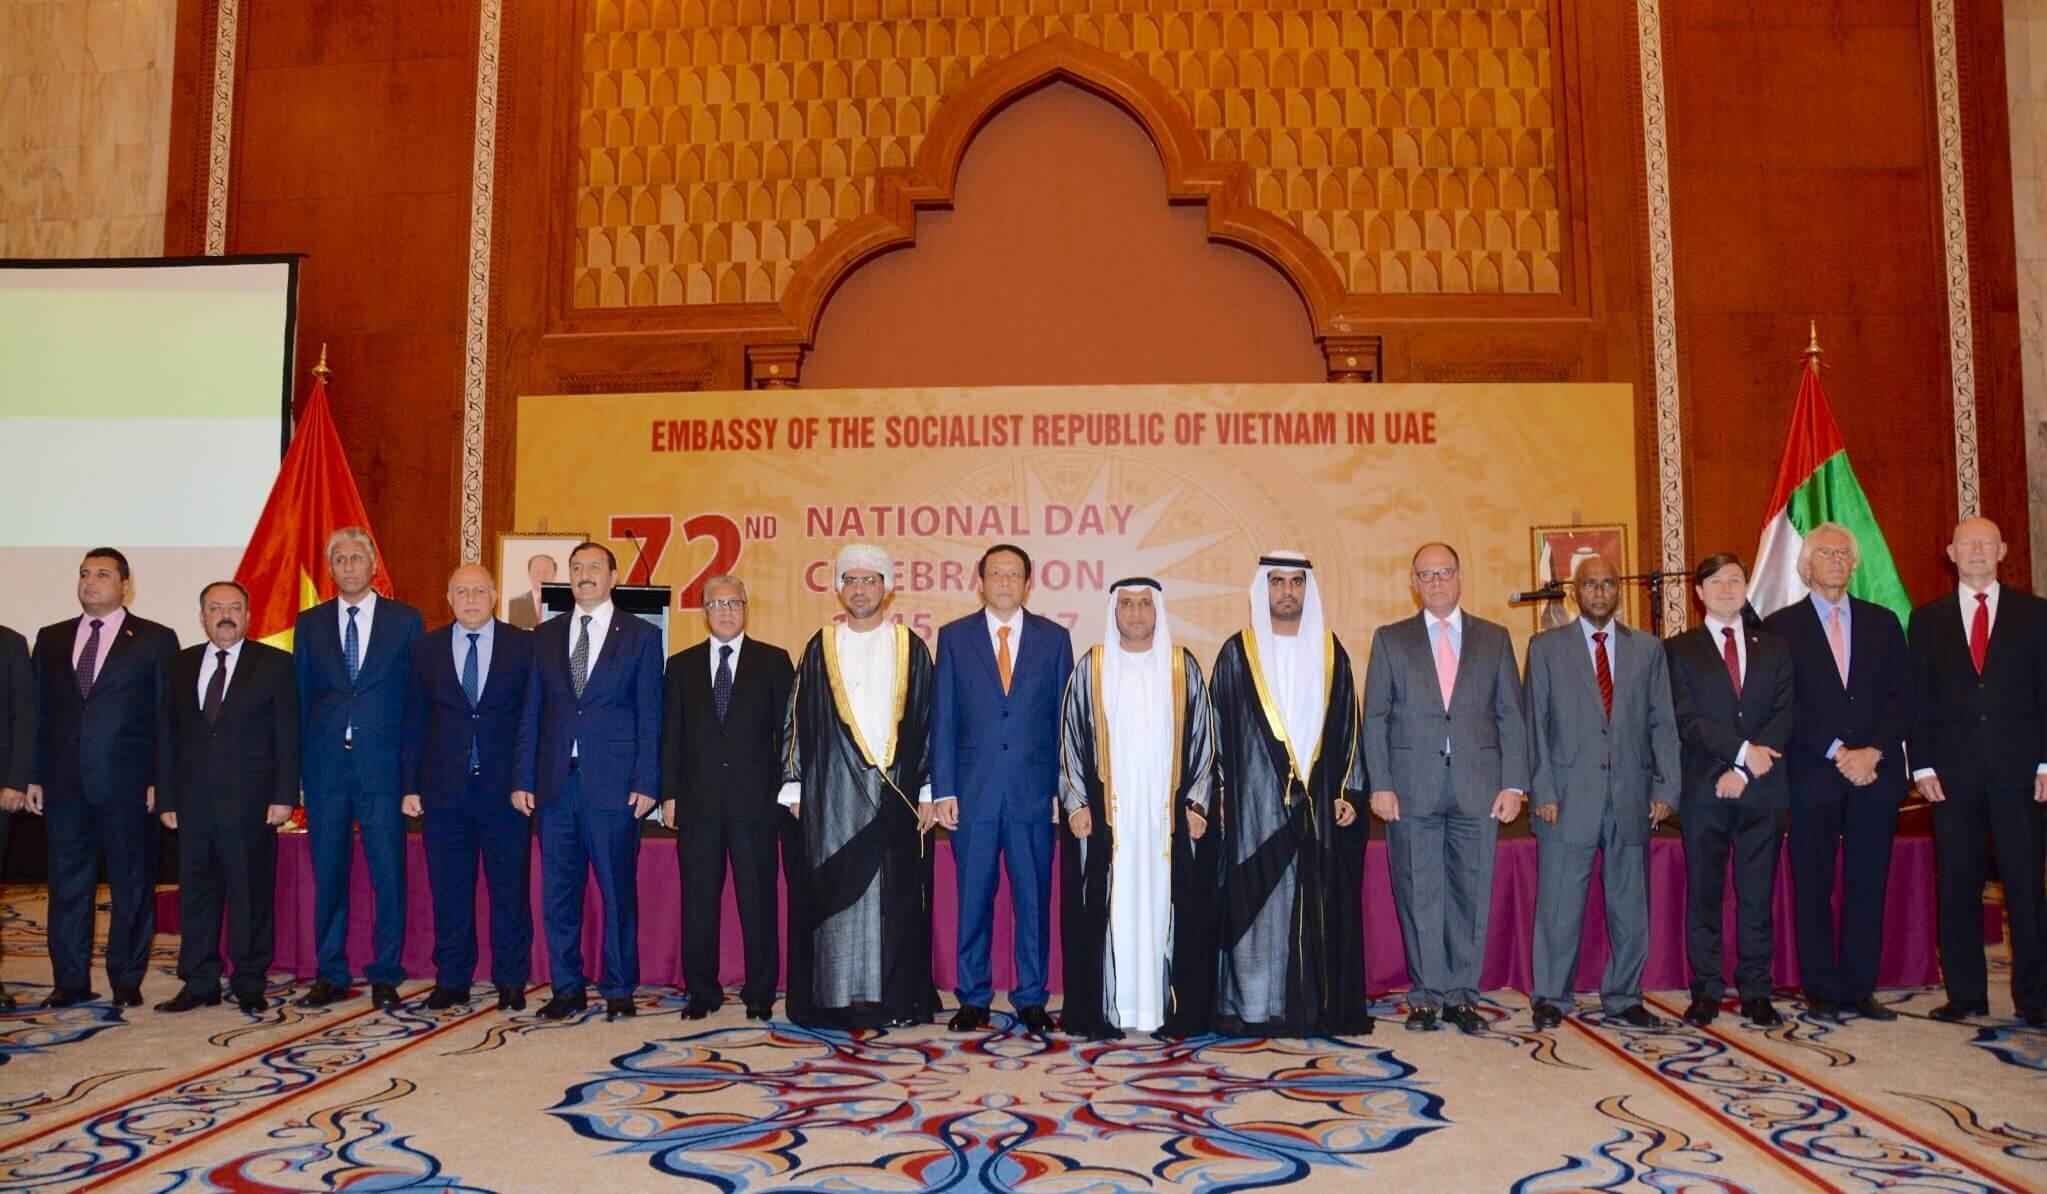 Đại sứ quán Việt Nam tại UAE tổ chức Quốc khánh thành công tốt đẹp